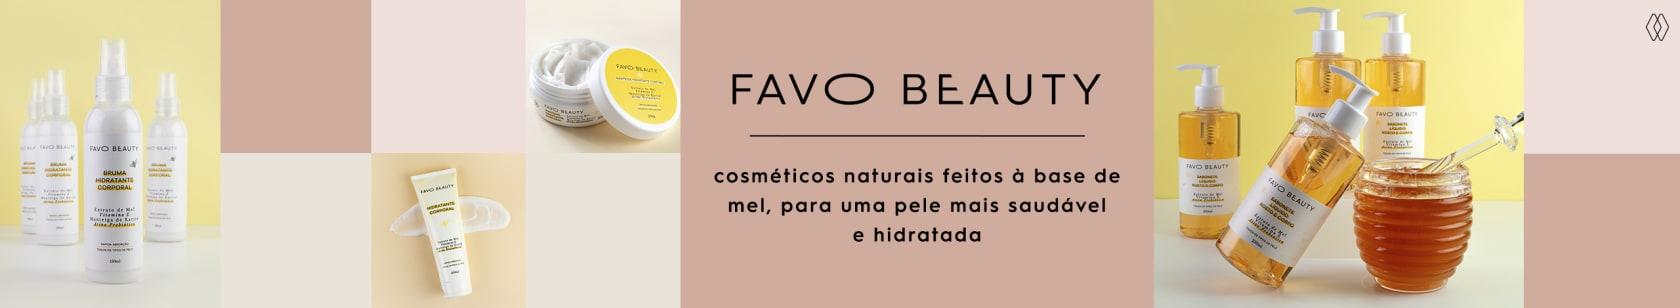 FAVO BEAUTY | AMARO